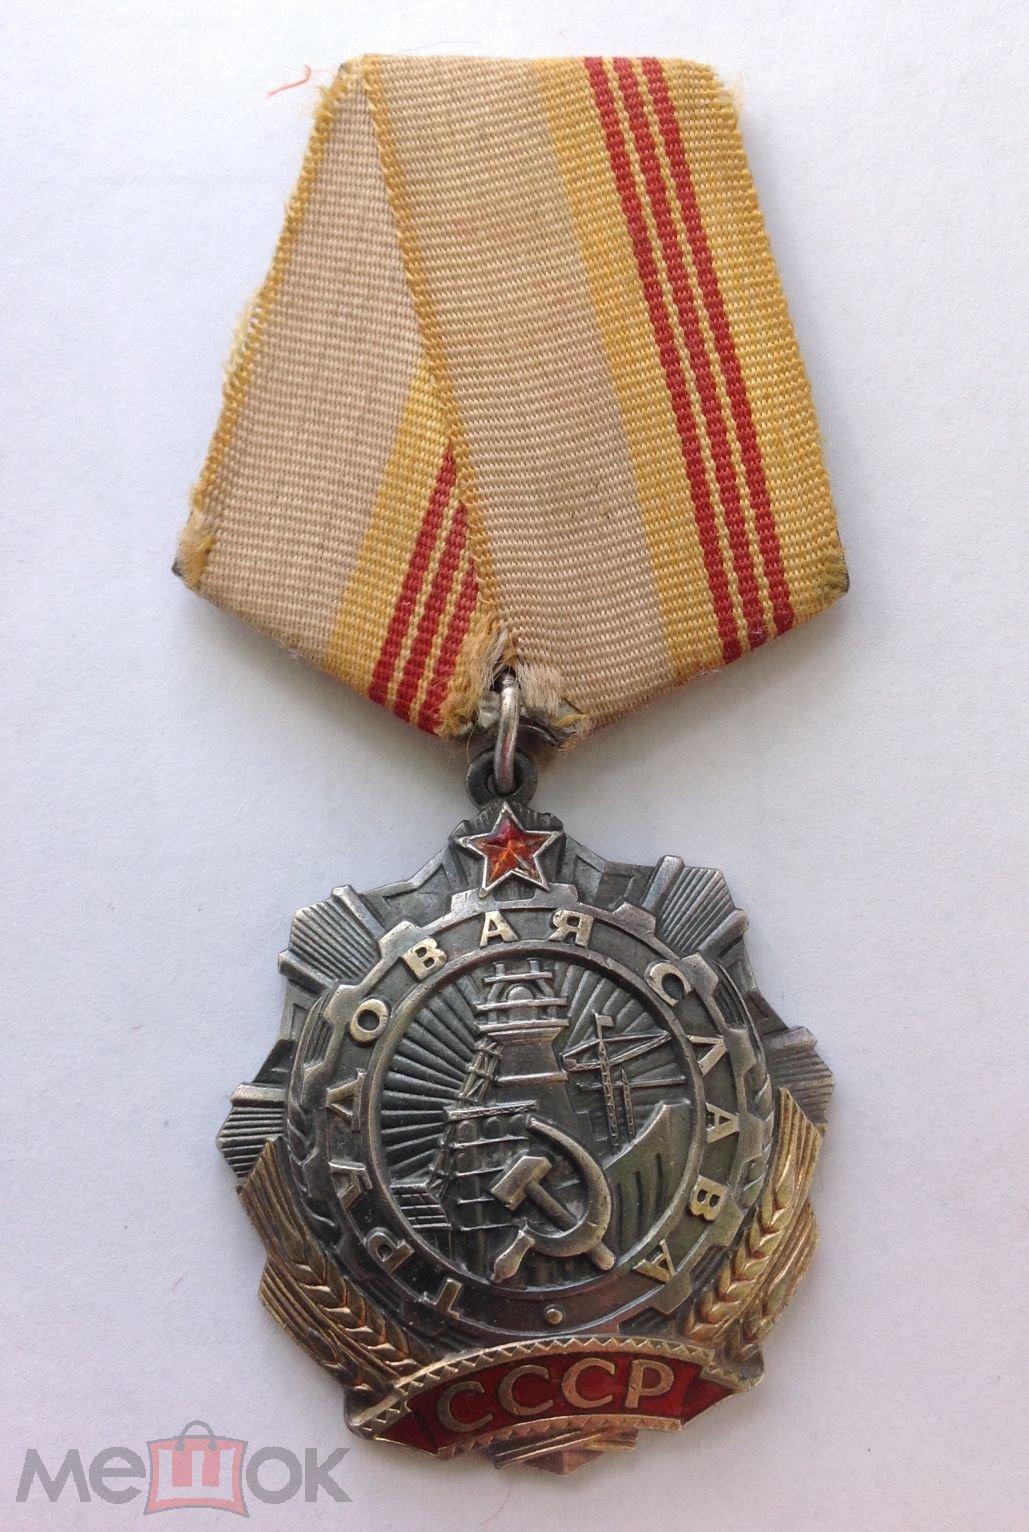 Орден ТРУДОВОЙ СЛАВЫ 3 Степени, 301,423 Промзвено Запаянно на МД, 1978 й Год, Оригинал